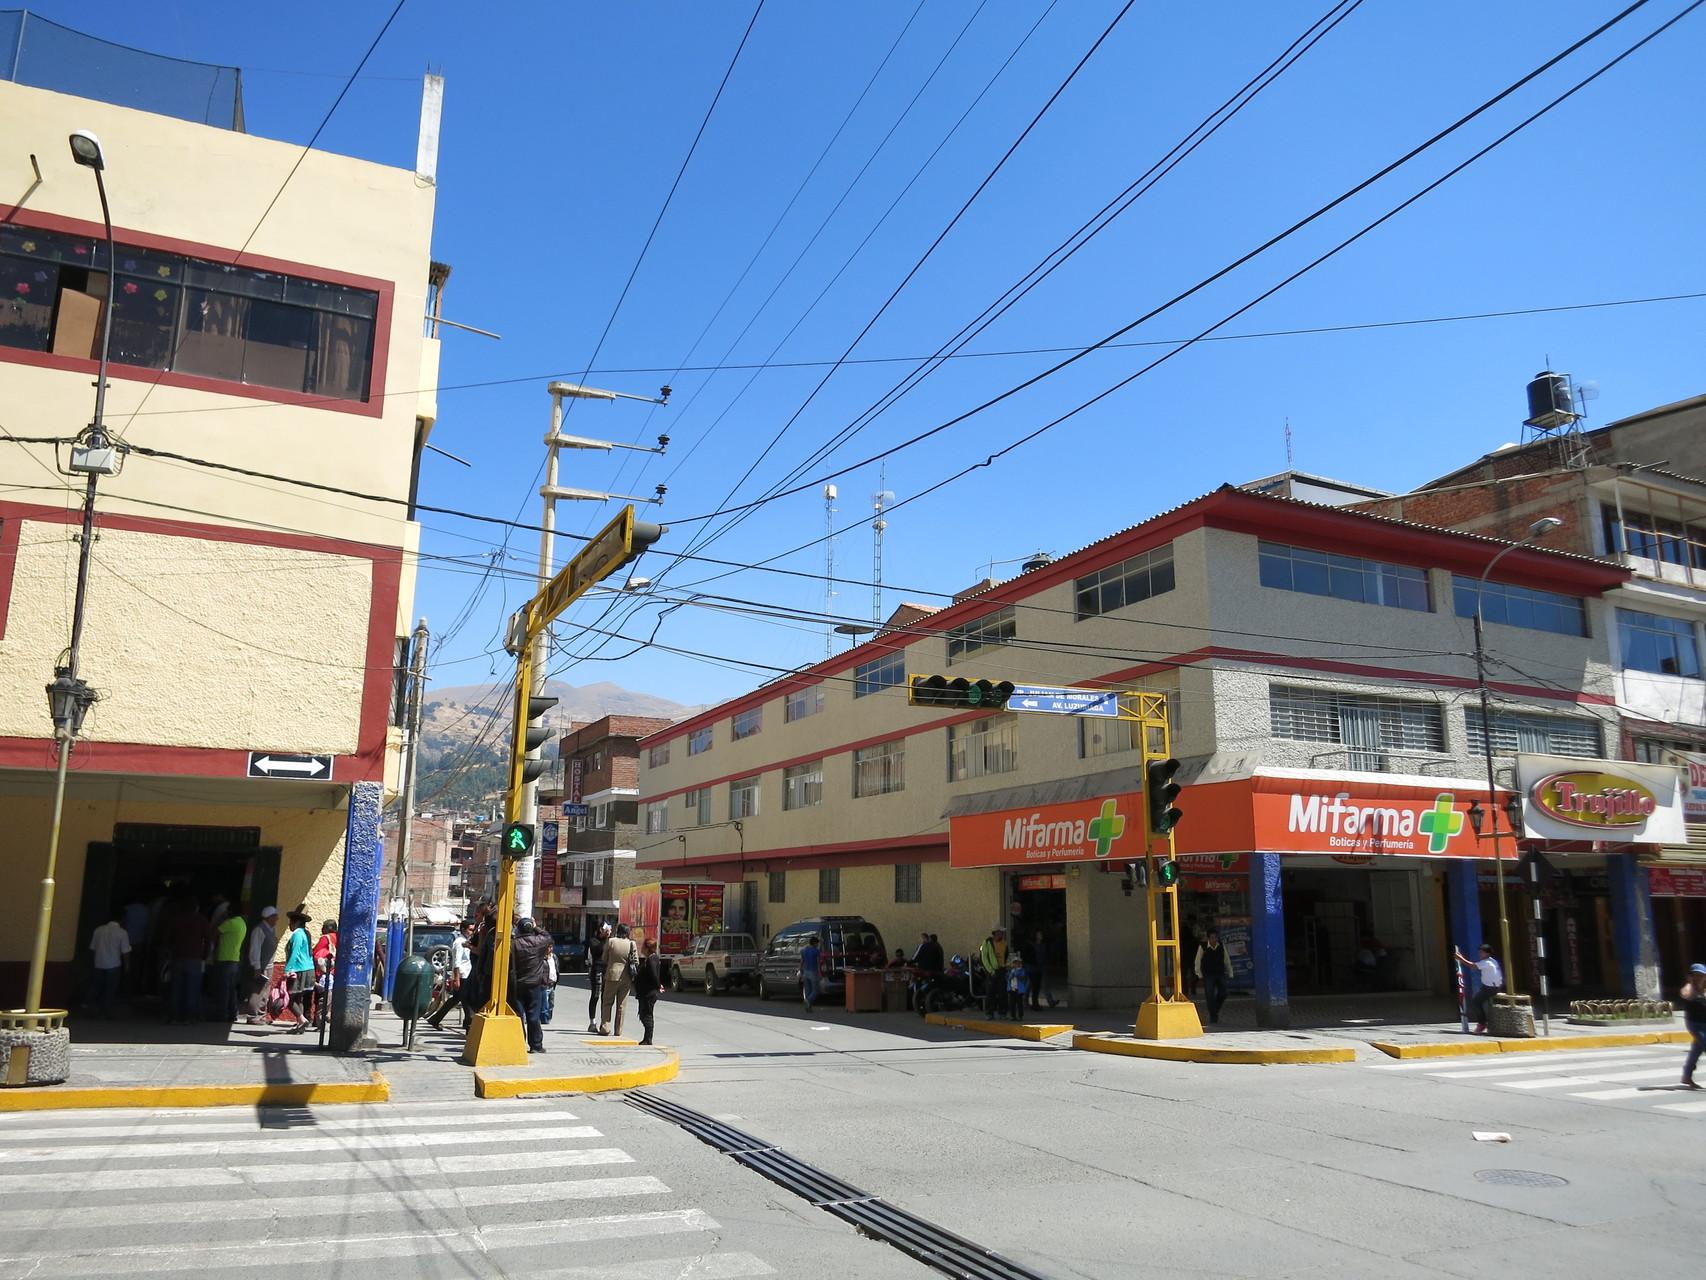 """Rechts im Bild der """"Trujillo"""" (ein lokaler Markt in dem wir fast alles kauften)"""